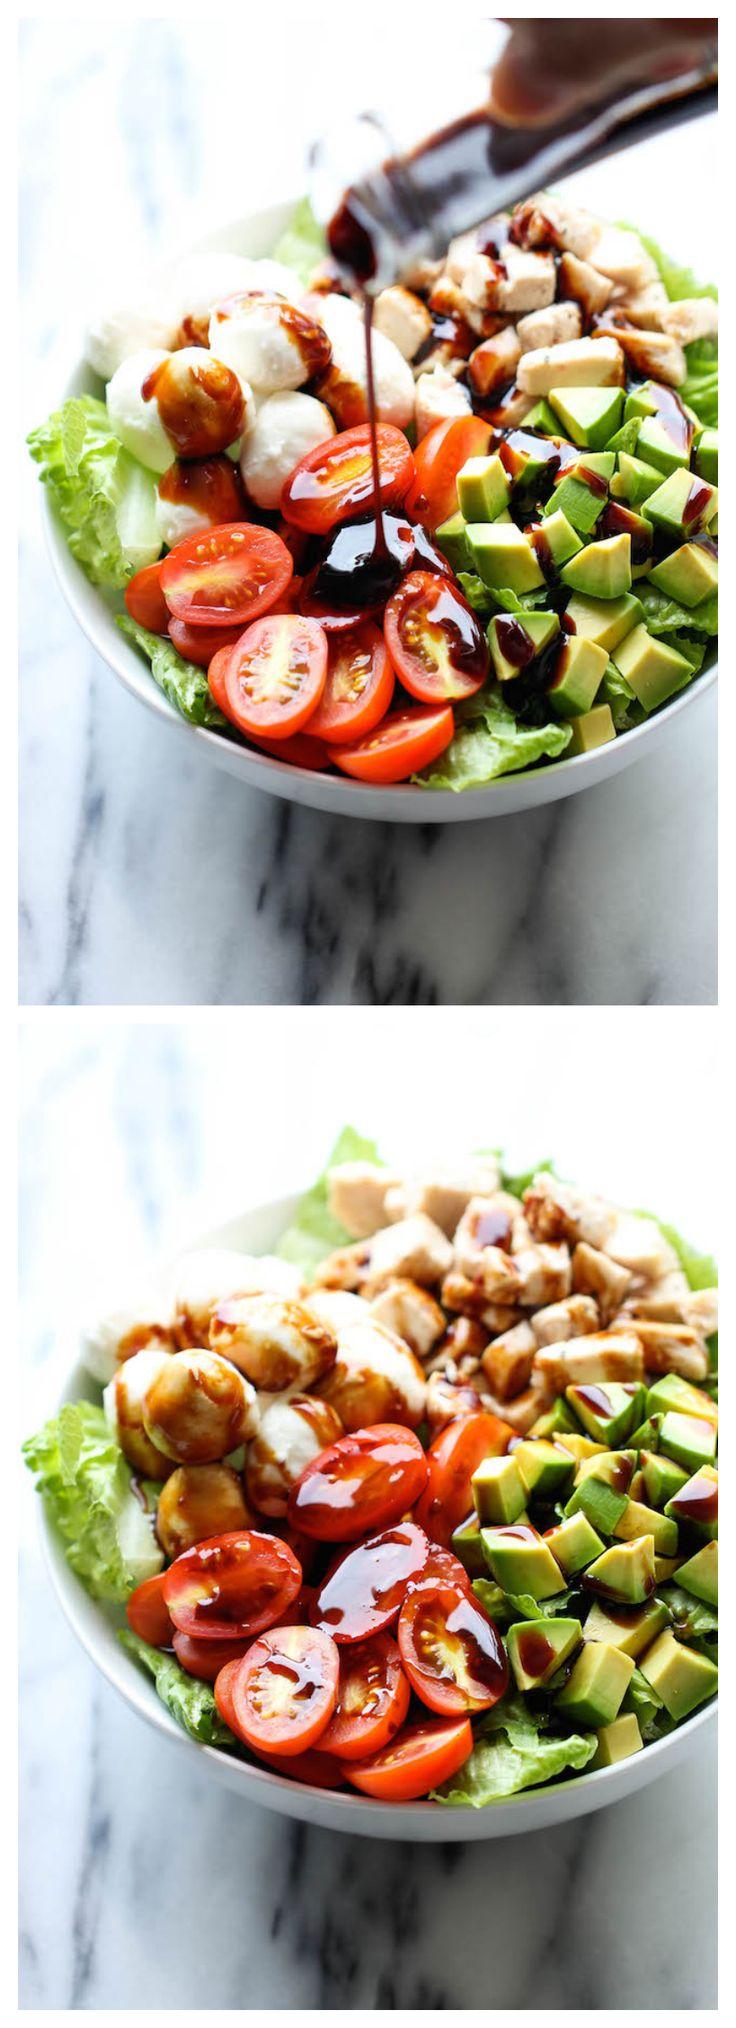 #Recipe: Caprese Avocado #Salad